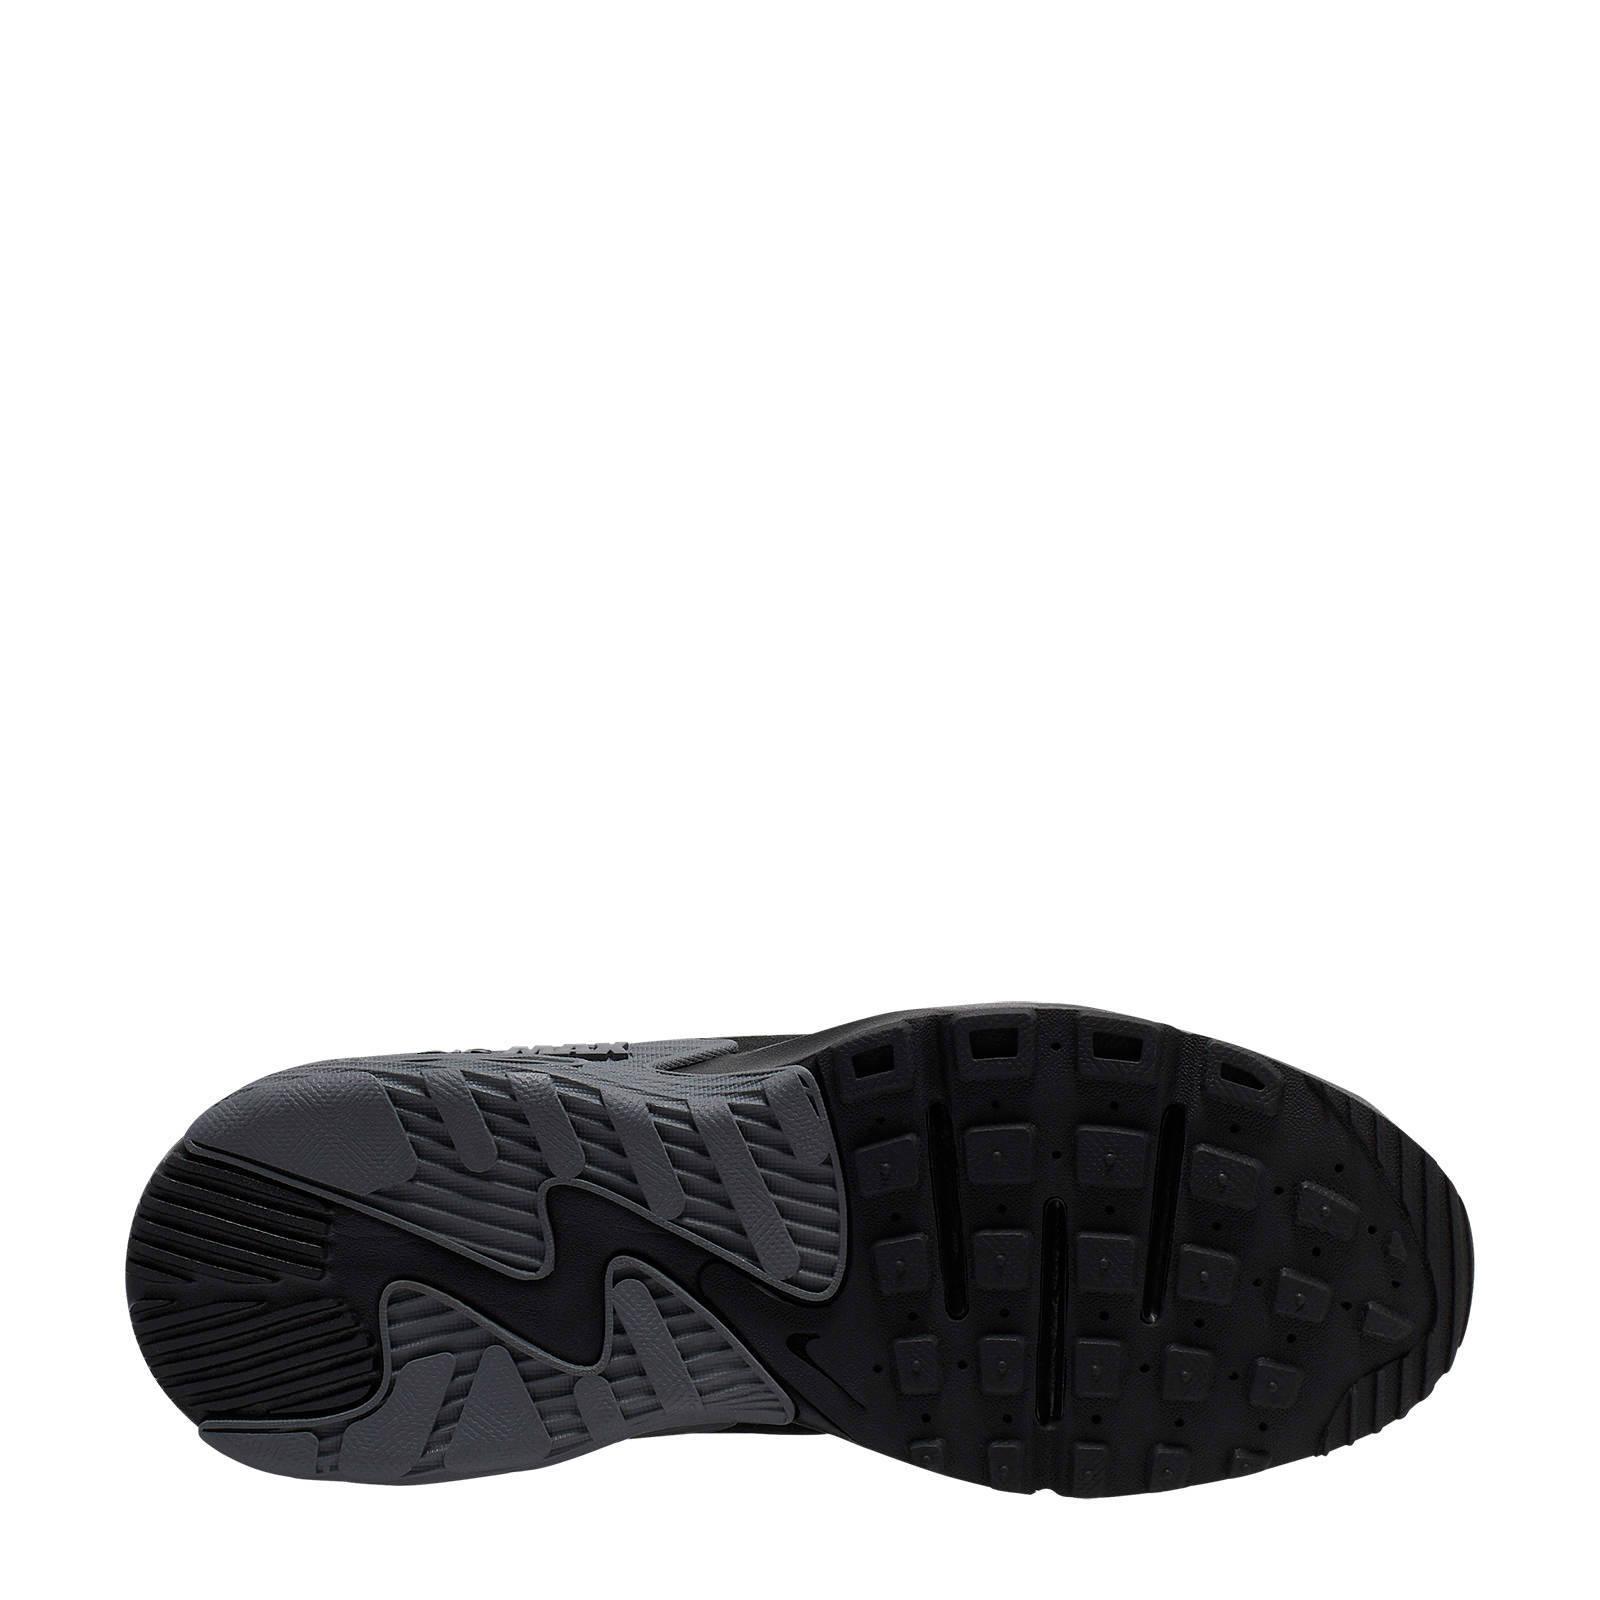 Nike Air Max Excee sneakers zwartantraciet maat 39